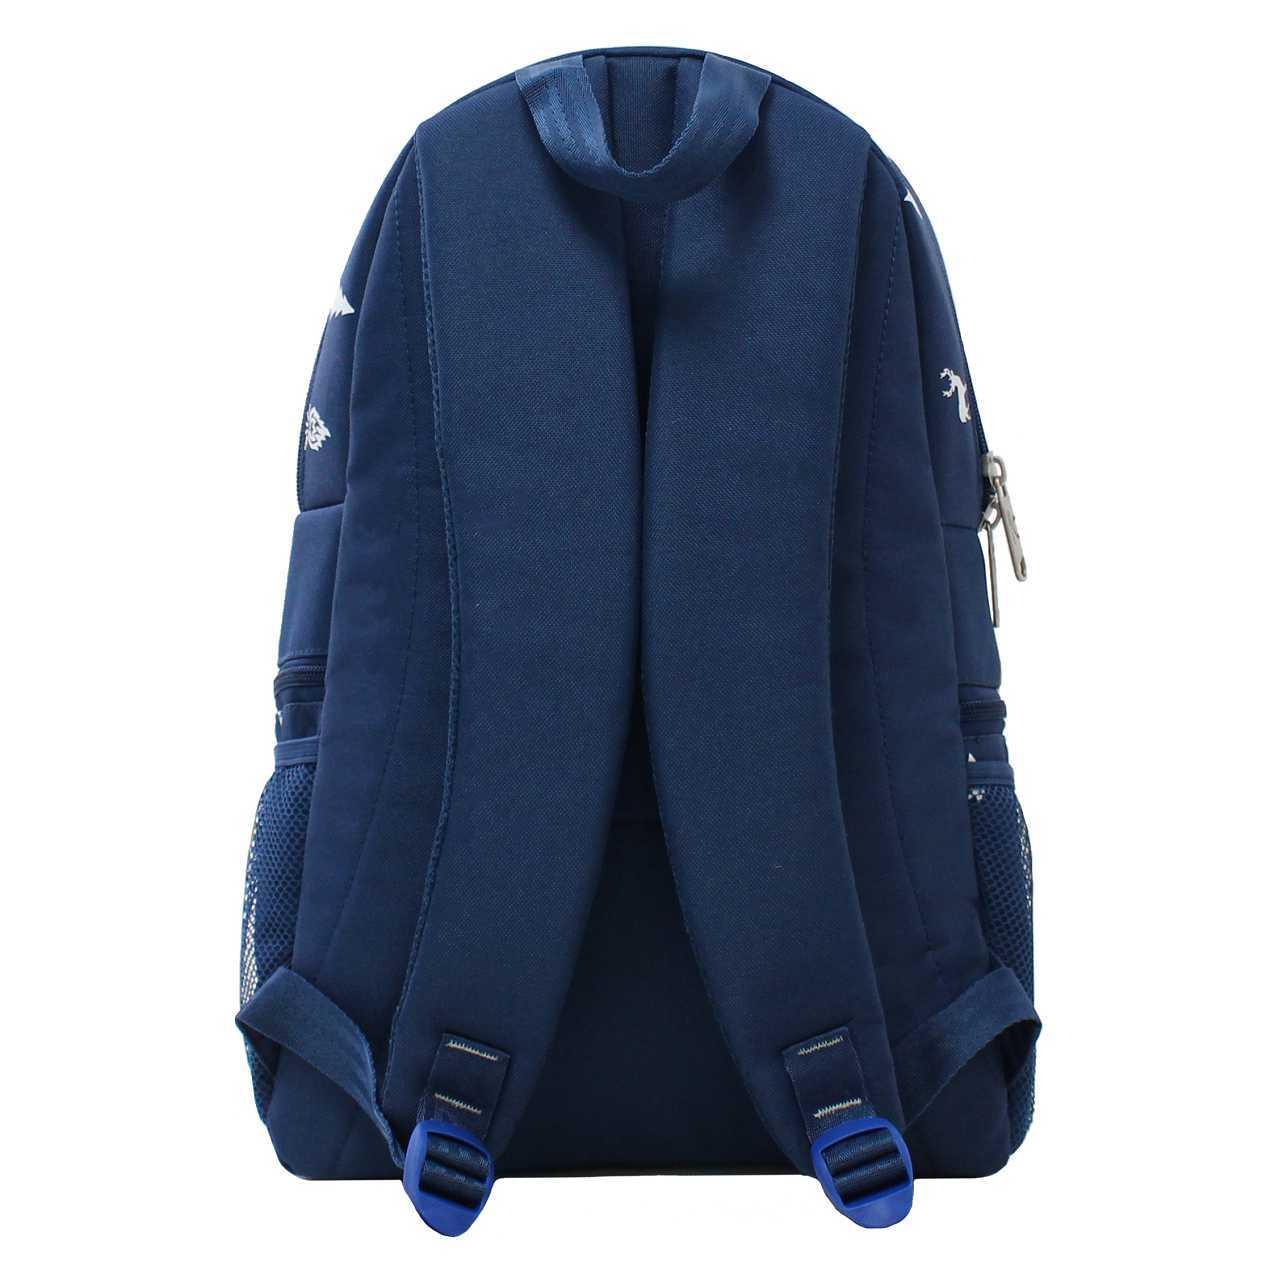 Рюкзак Bagland Urban синій/олені 0053066 фото 3